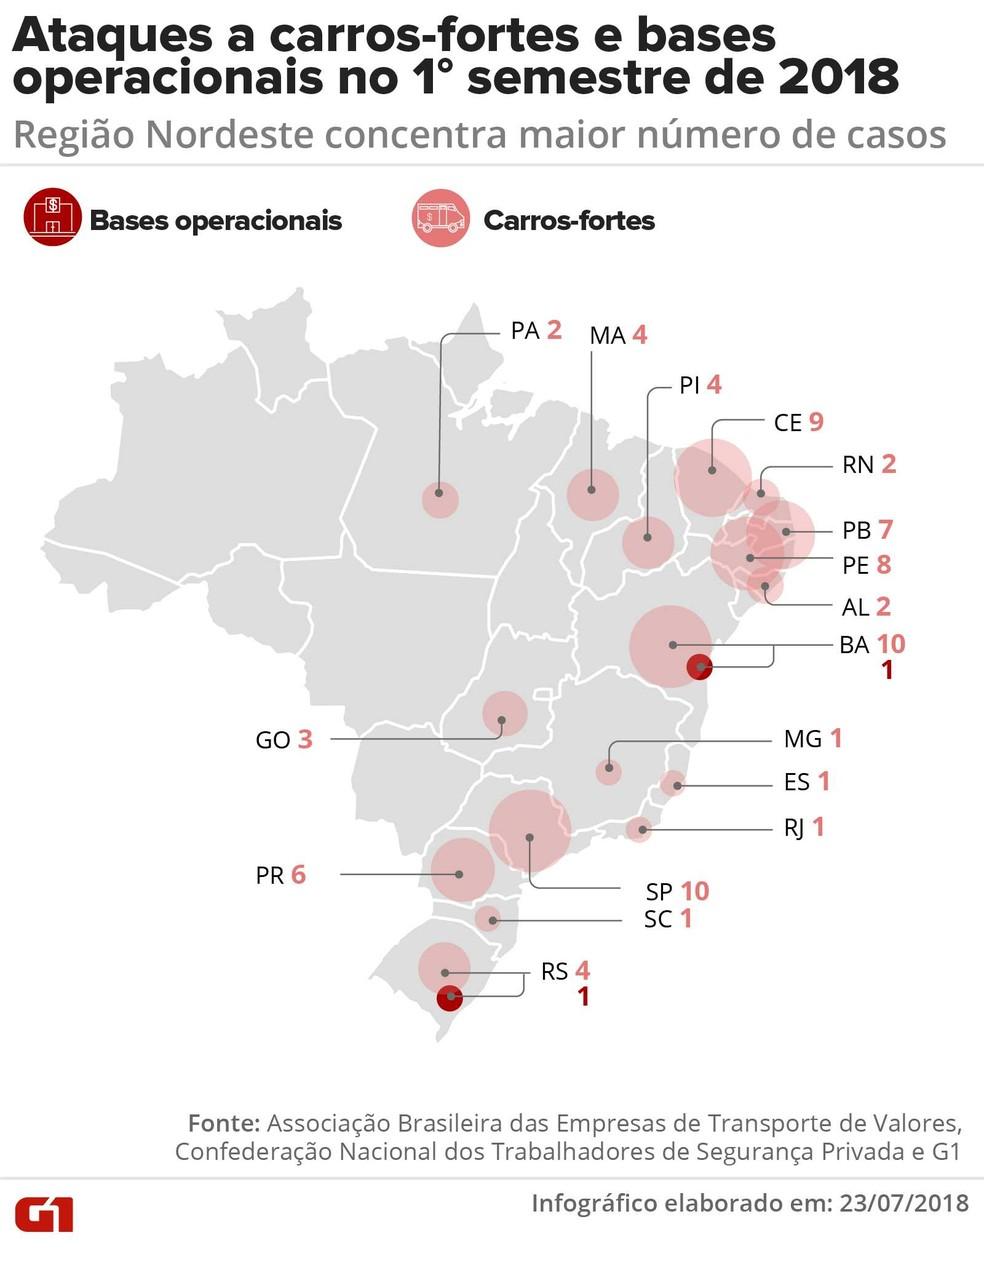 Ataques a carros-fortes e bases operacionais no 1° semestre de 2018 no Brasil (Foto: Juliane Monteiro e Karina Almeida/ G1)